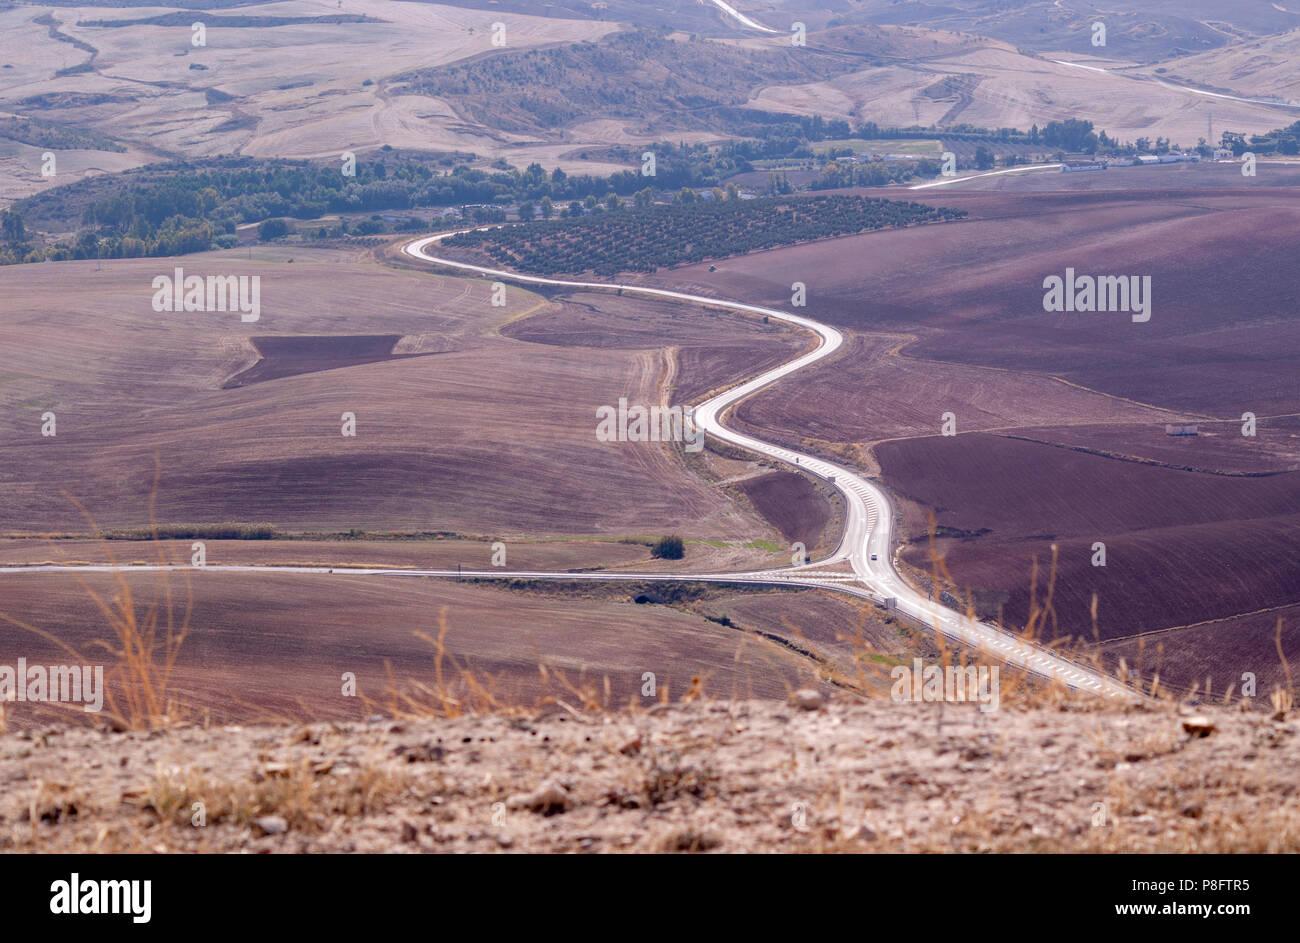 Vista da Teba al Distretto del Lago in Spagna. Andando su strada attraverso campi arida e oliveti Immagini Stock